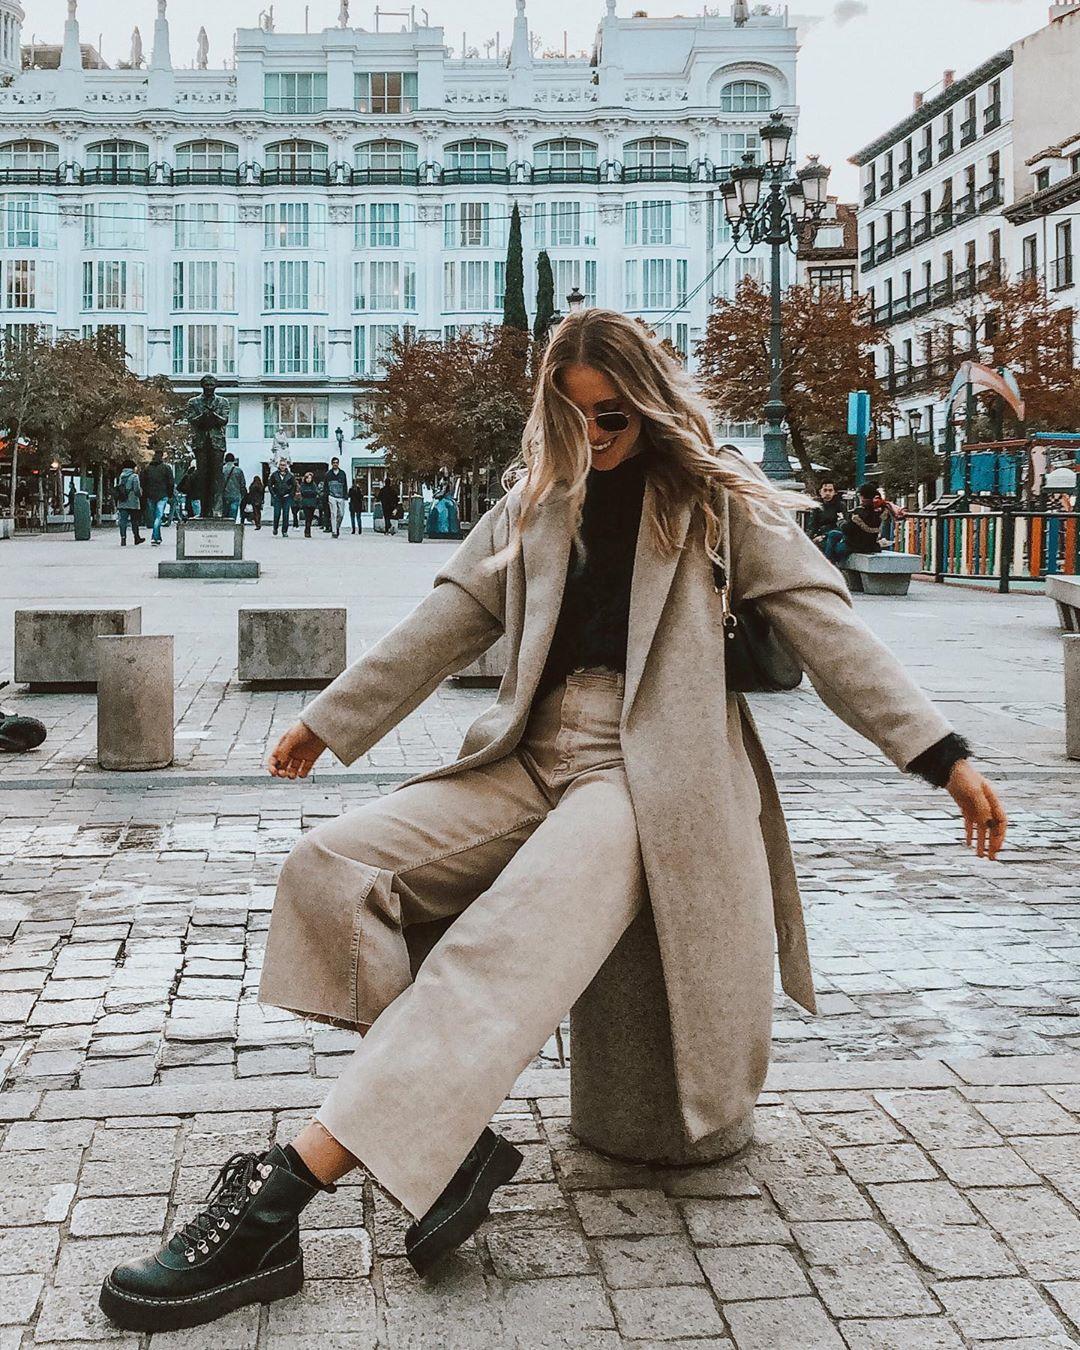 7 секретов, как сделать образ моднее и не разориться